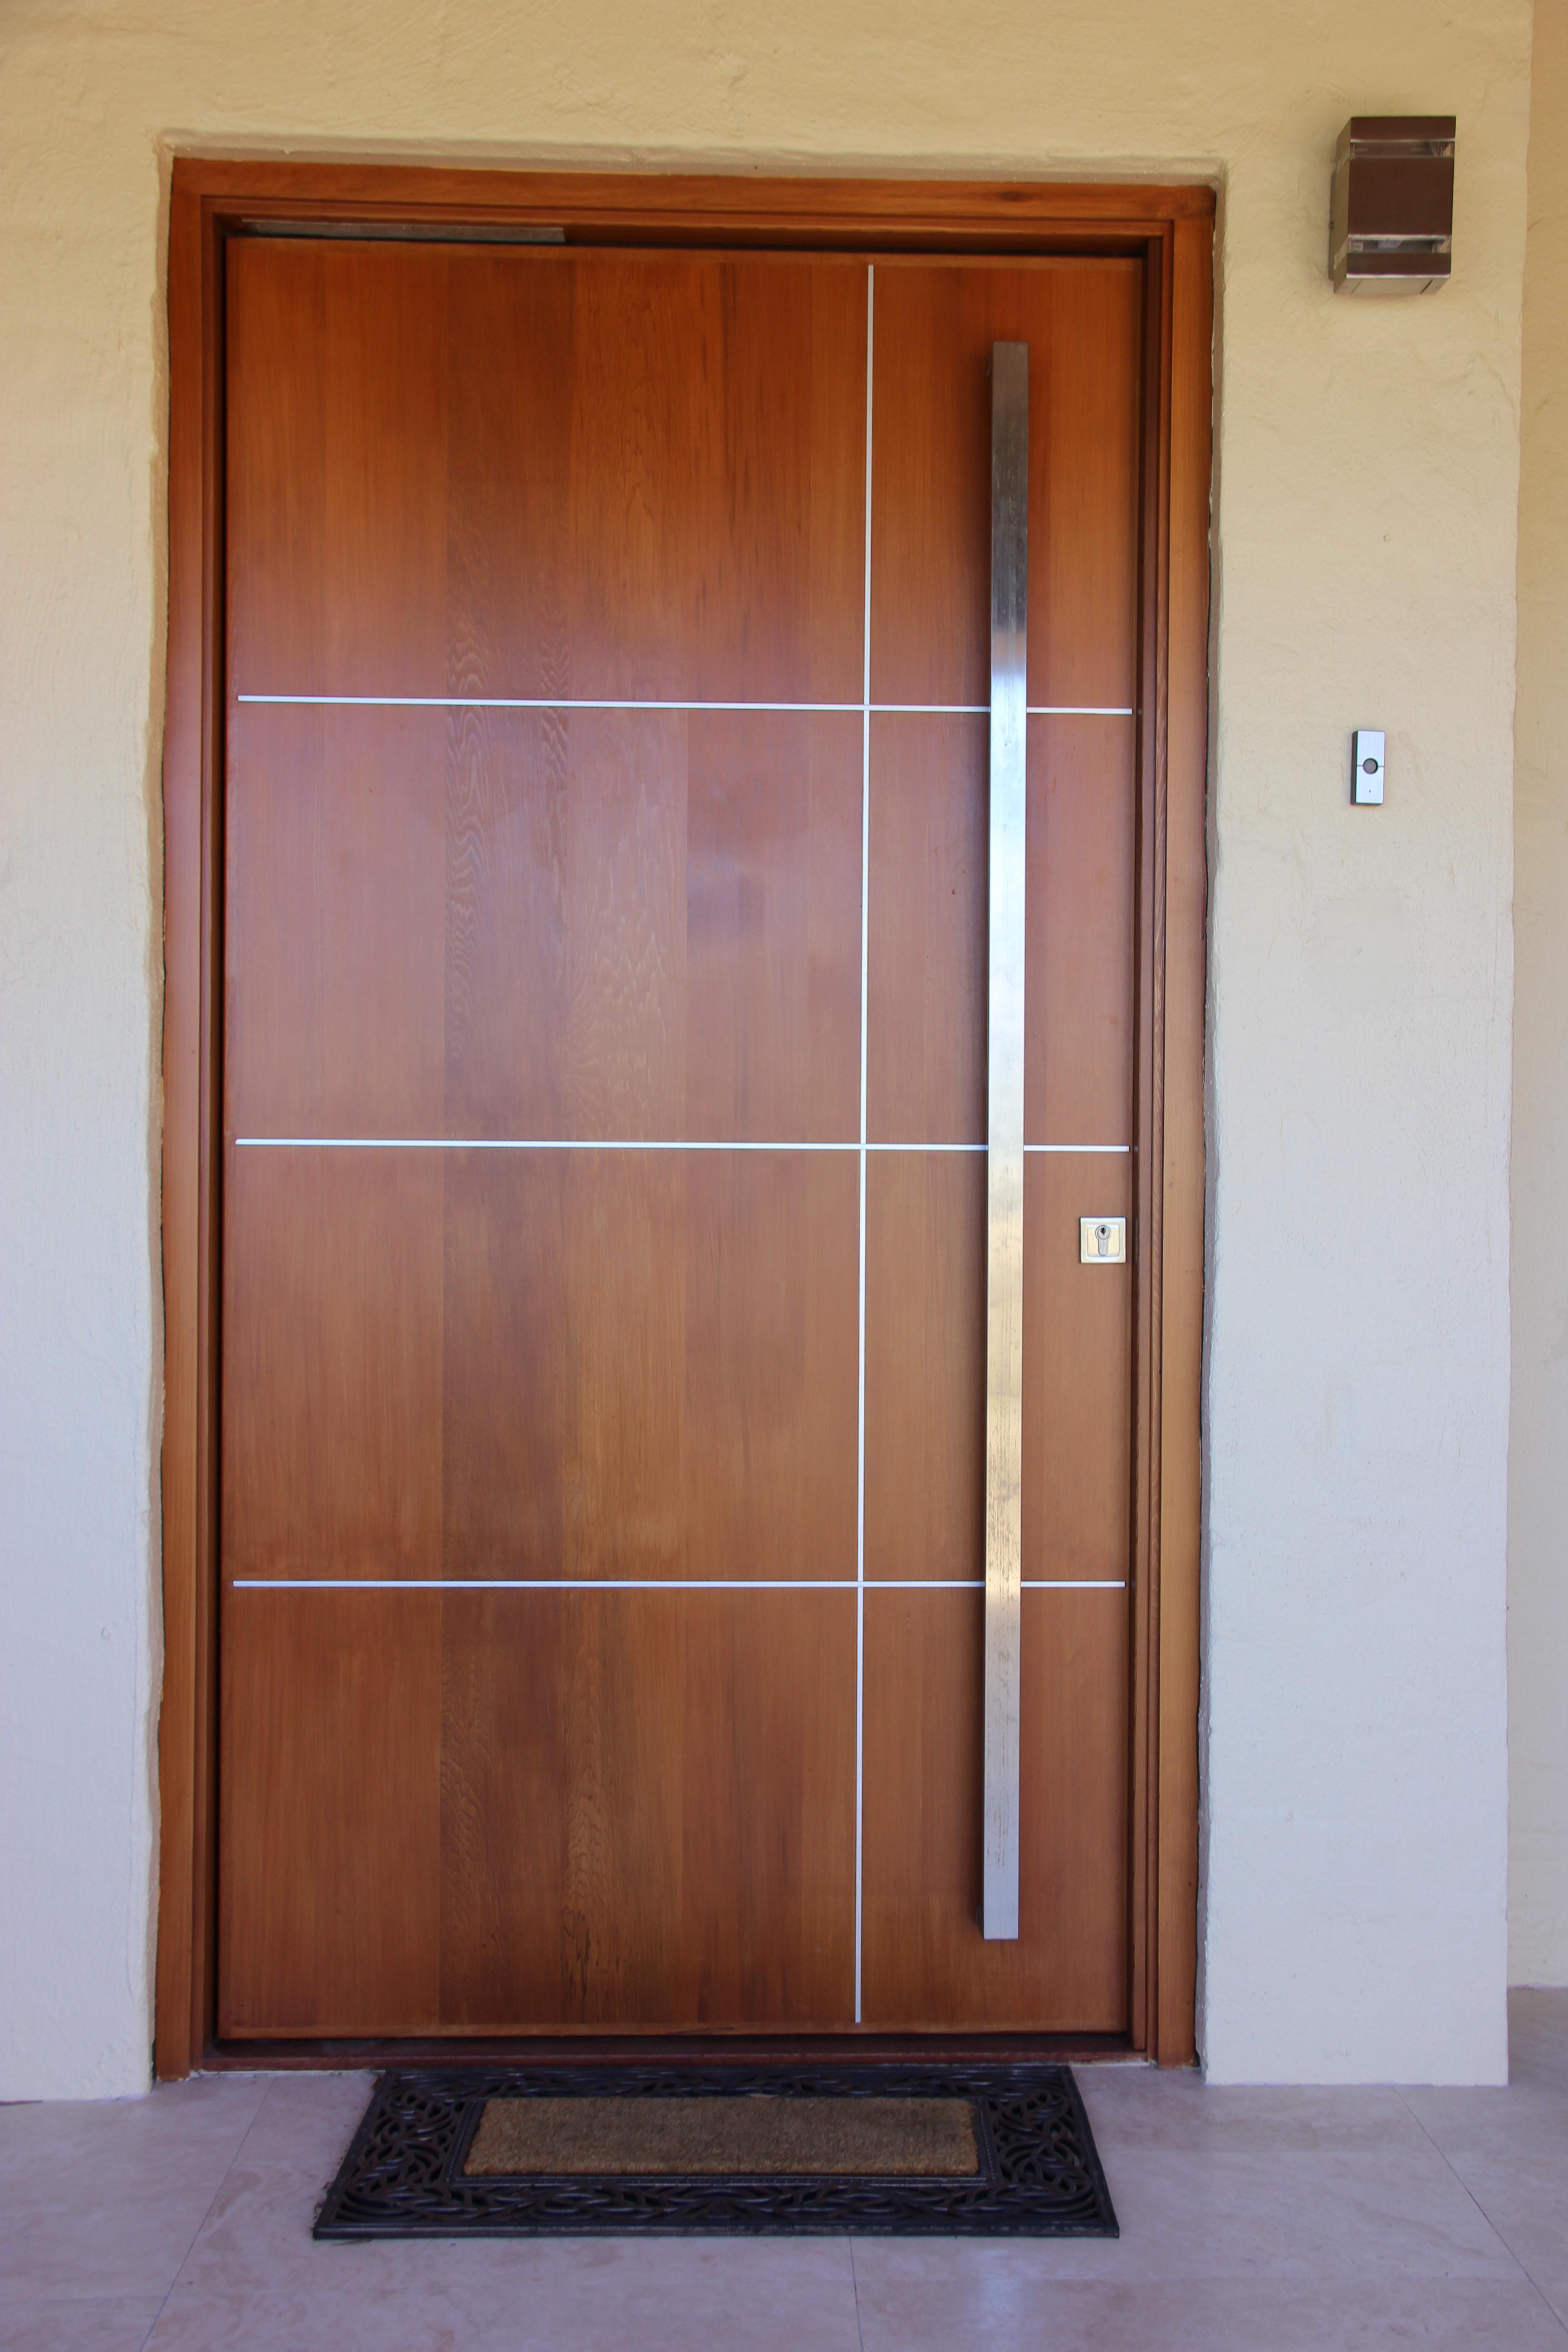 90 Modelos De Portas Tipos Correr Madeira Vidro E Fotos Porta Design Moderno Portas De Madeira Portas De Entrada De Madeira